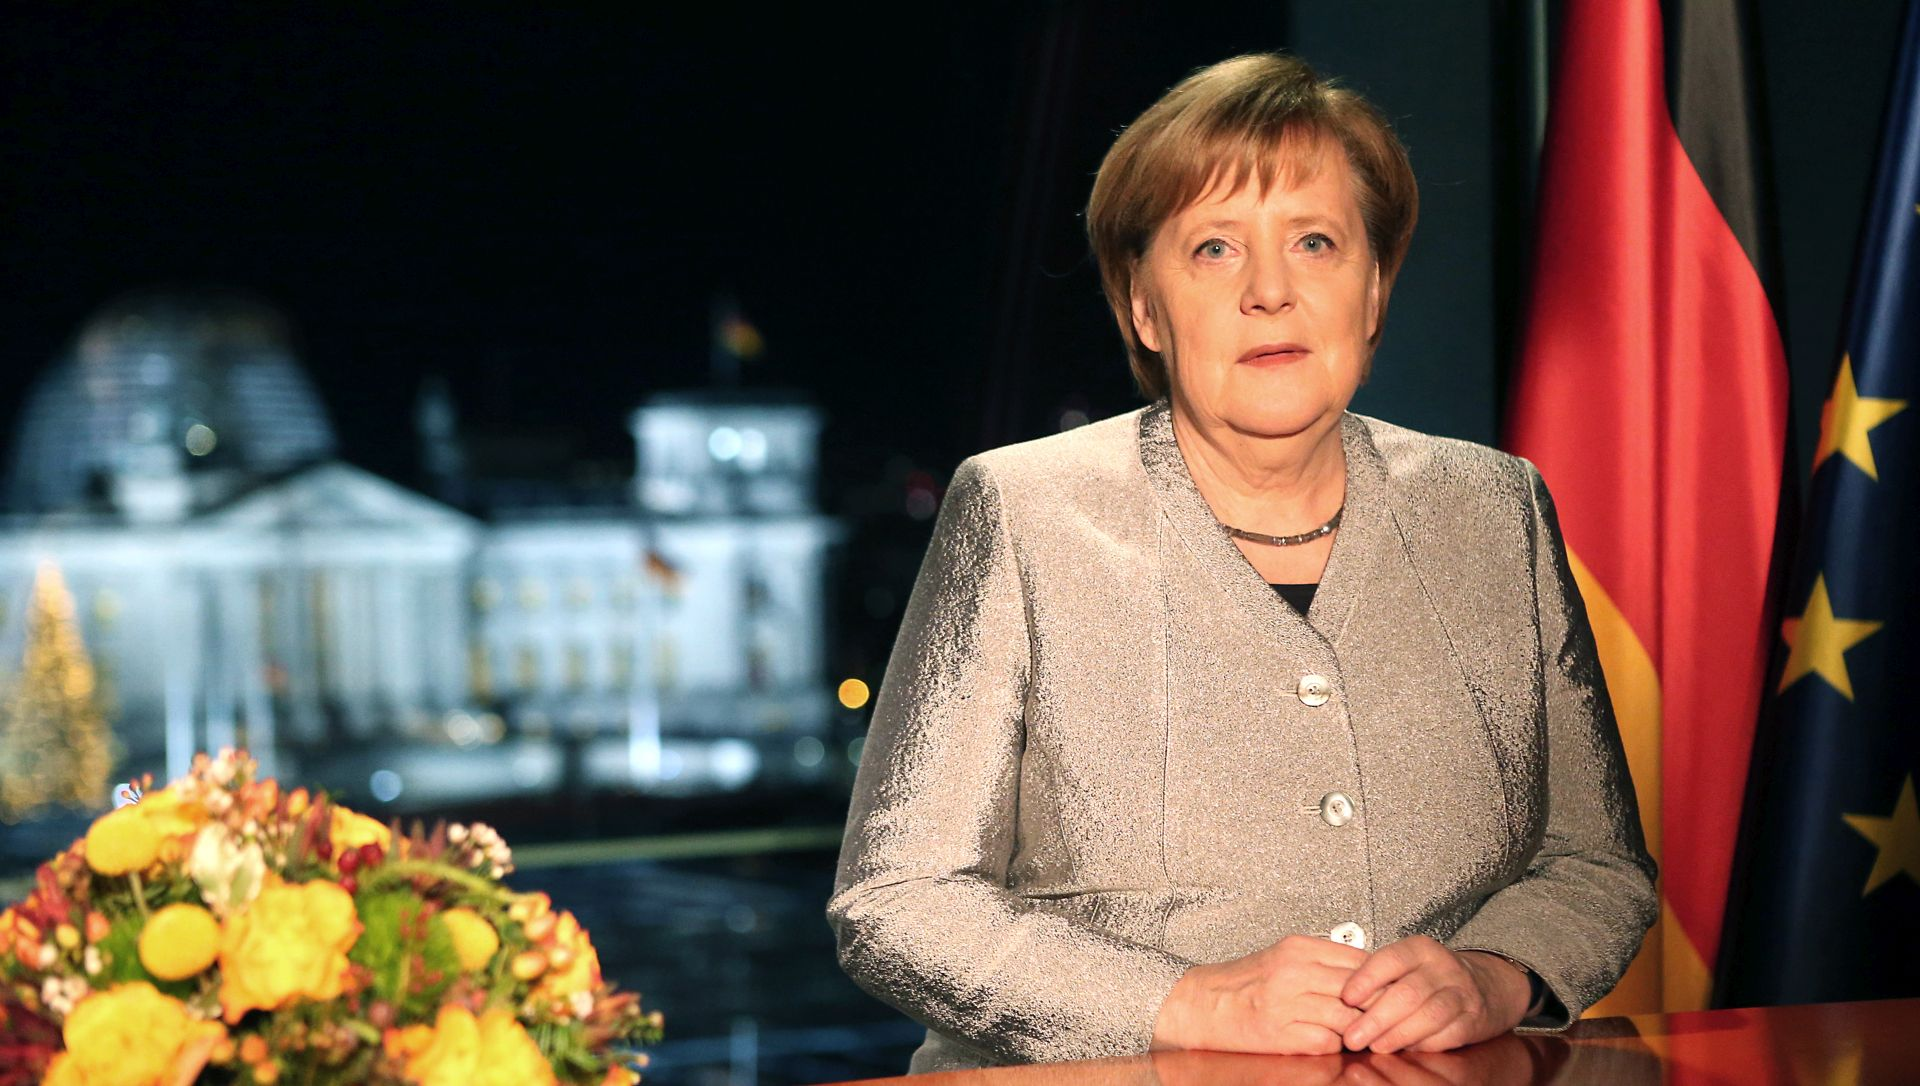 Merkel i stotine njemačkih političara pogođeni hakerskim napadom